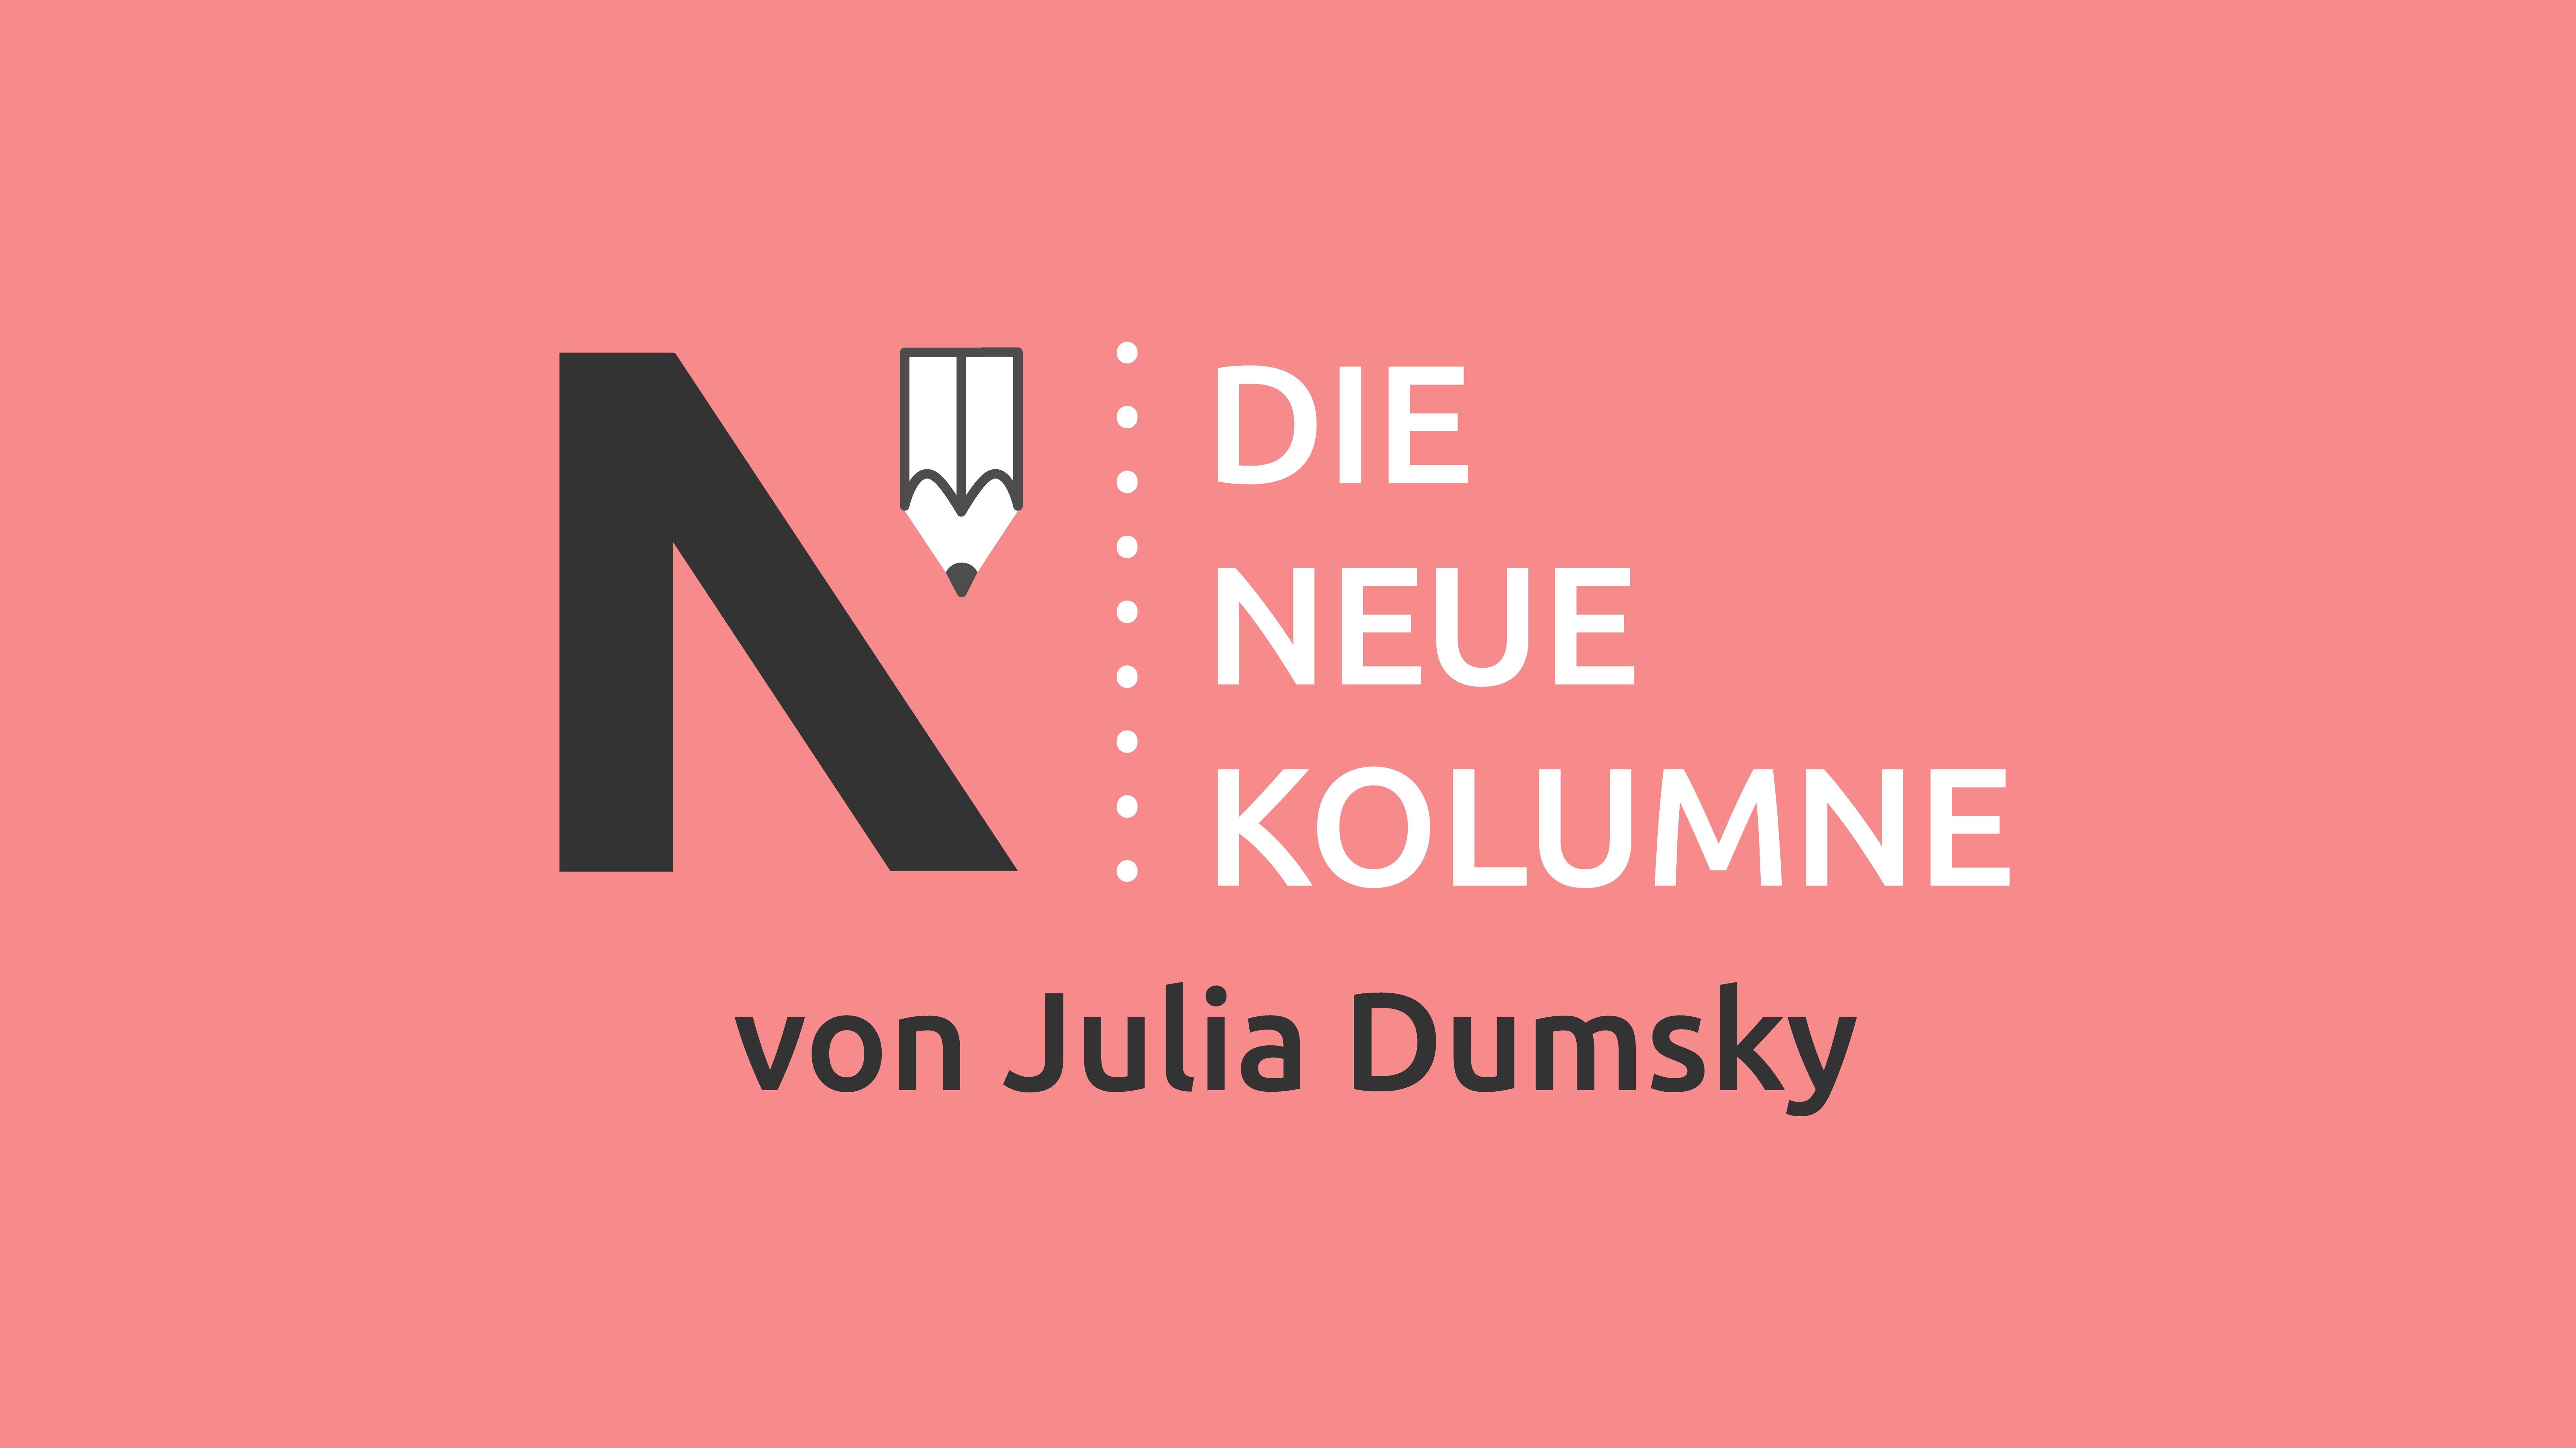 Das Logo von DIe Neue Norm auf hell-rotem Grund. Rechts steht: Die Neue Kolumne. Unten steht: Von Julia Dumsky.